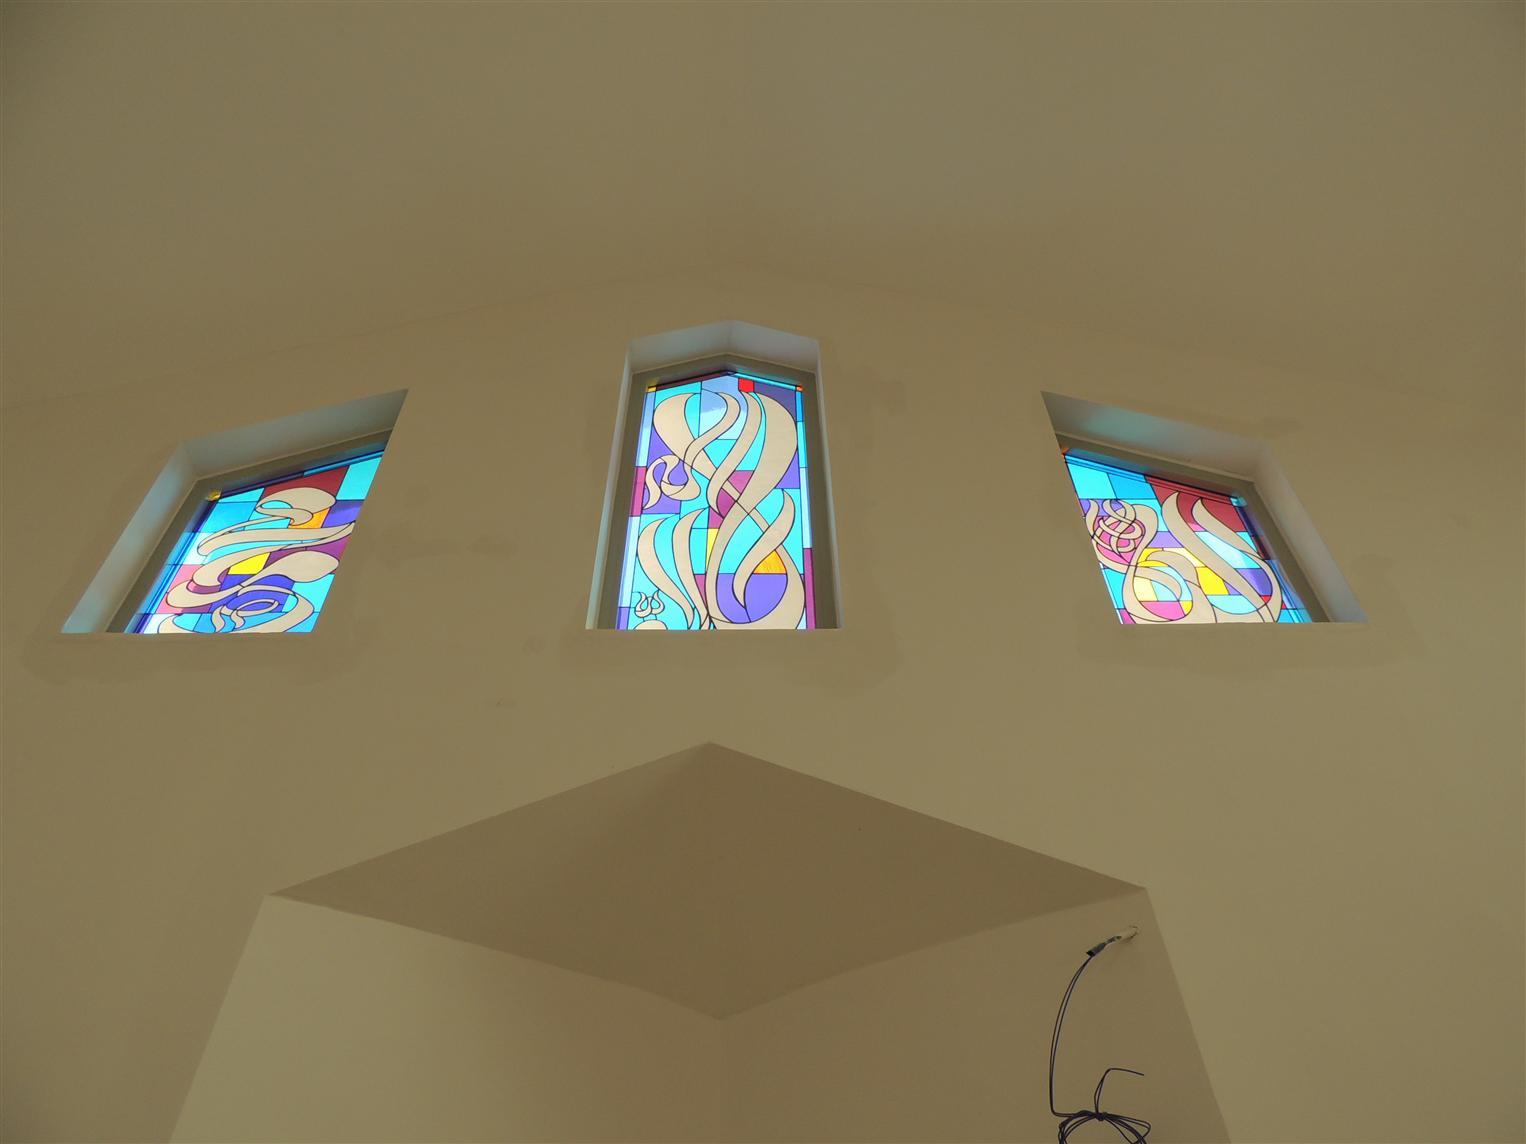 piri-reis-camii2015921174057213.jpg izmir vitray çalışması